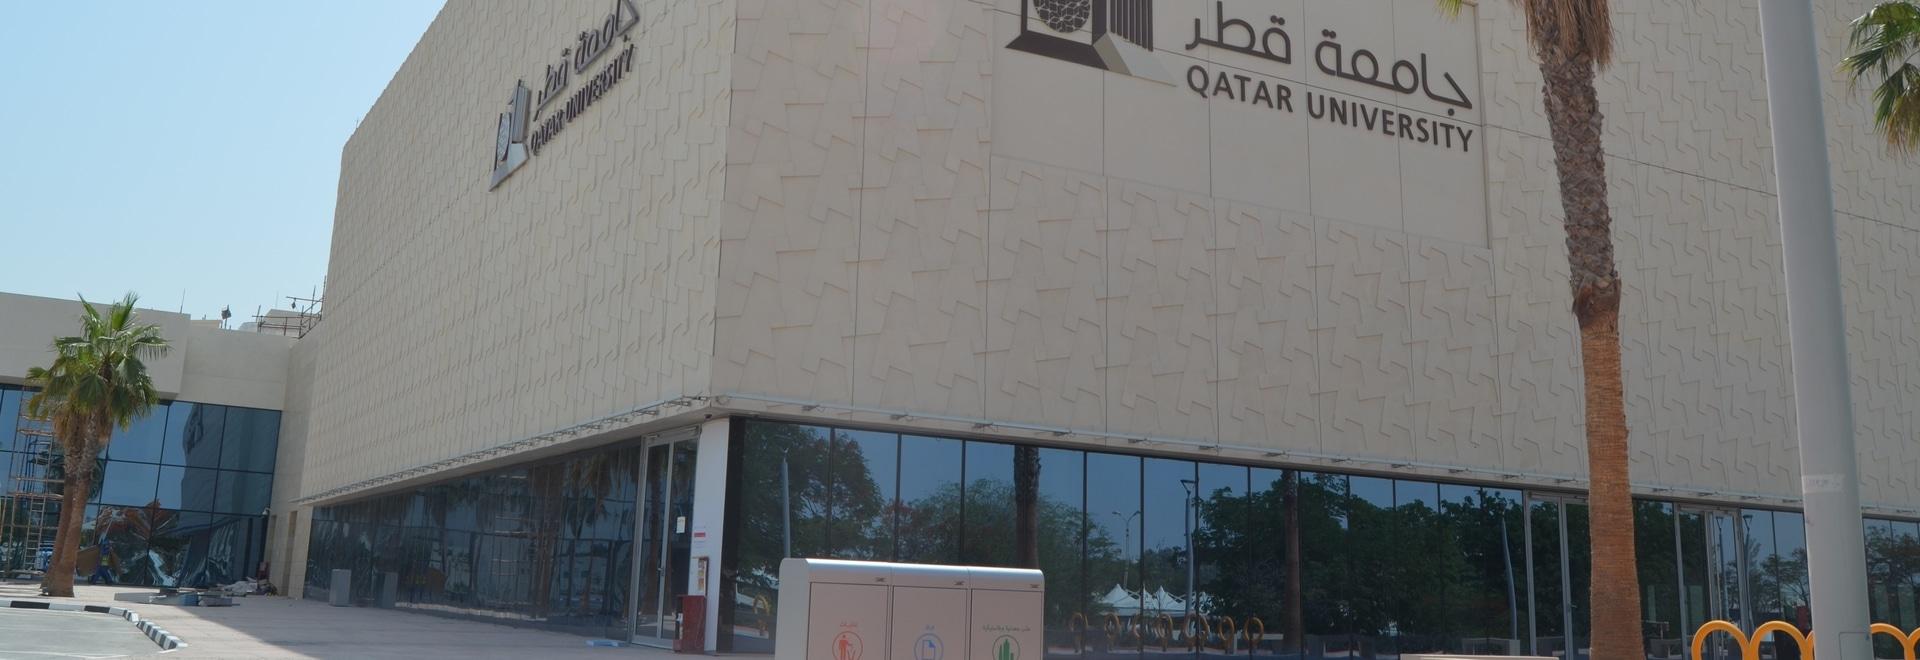 Cervic Environment présent au Qatar